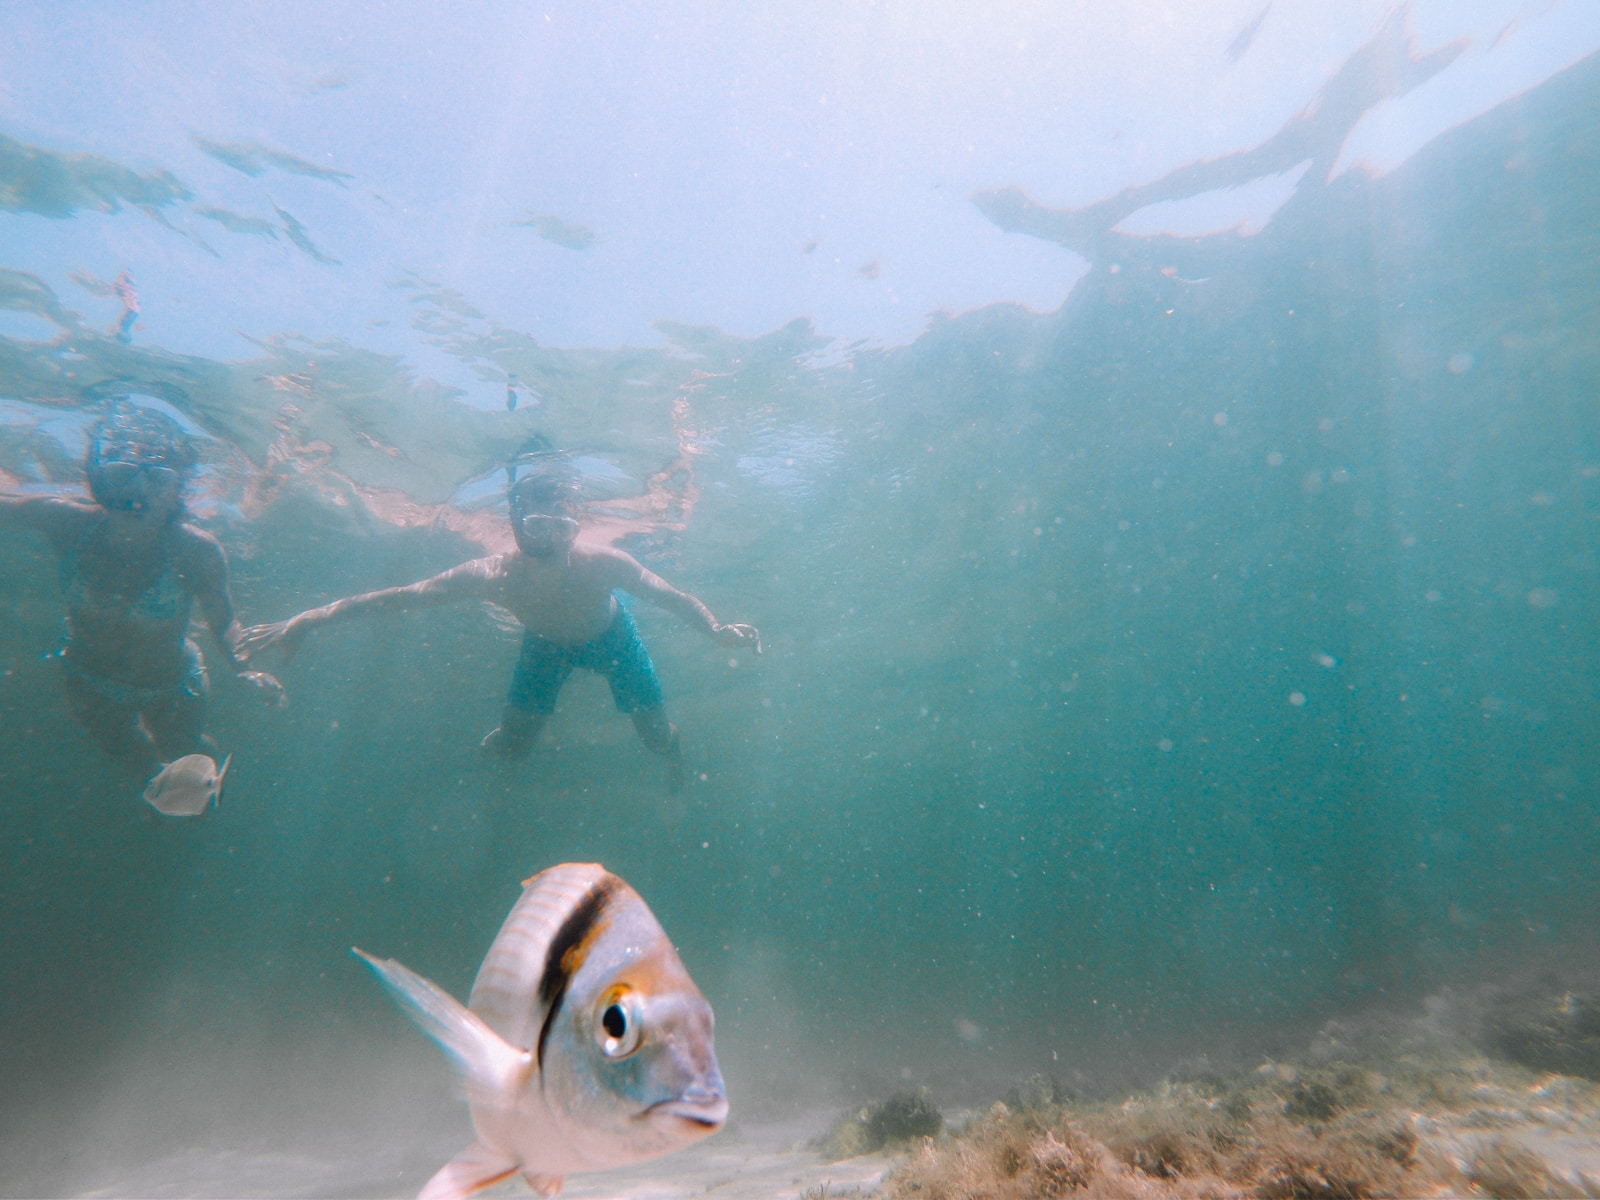 Snorkeling-sARDAIGNE